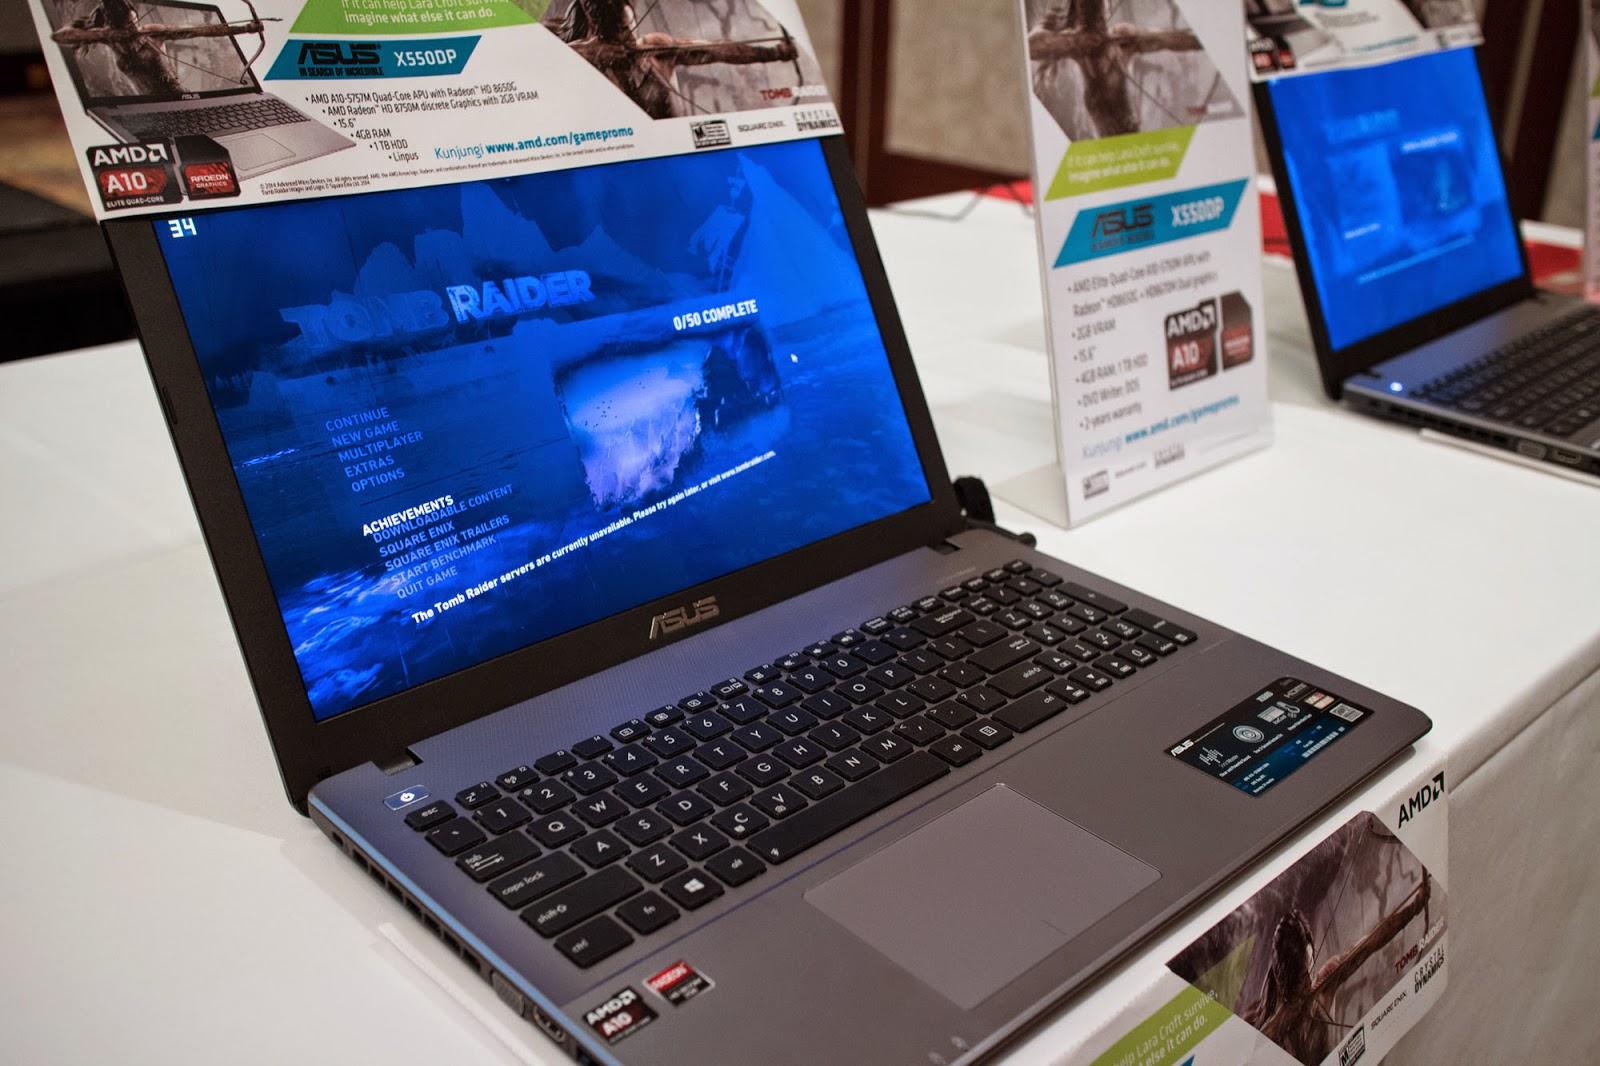 ASUS%2BX550DP%2BLaptop%2BGaming%2BMurah Review Harga ASUS X550DP Laptop Gaming Murah dengan Dual VGA